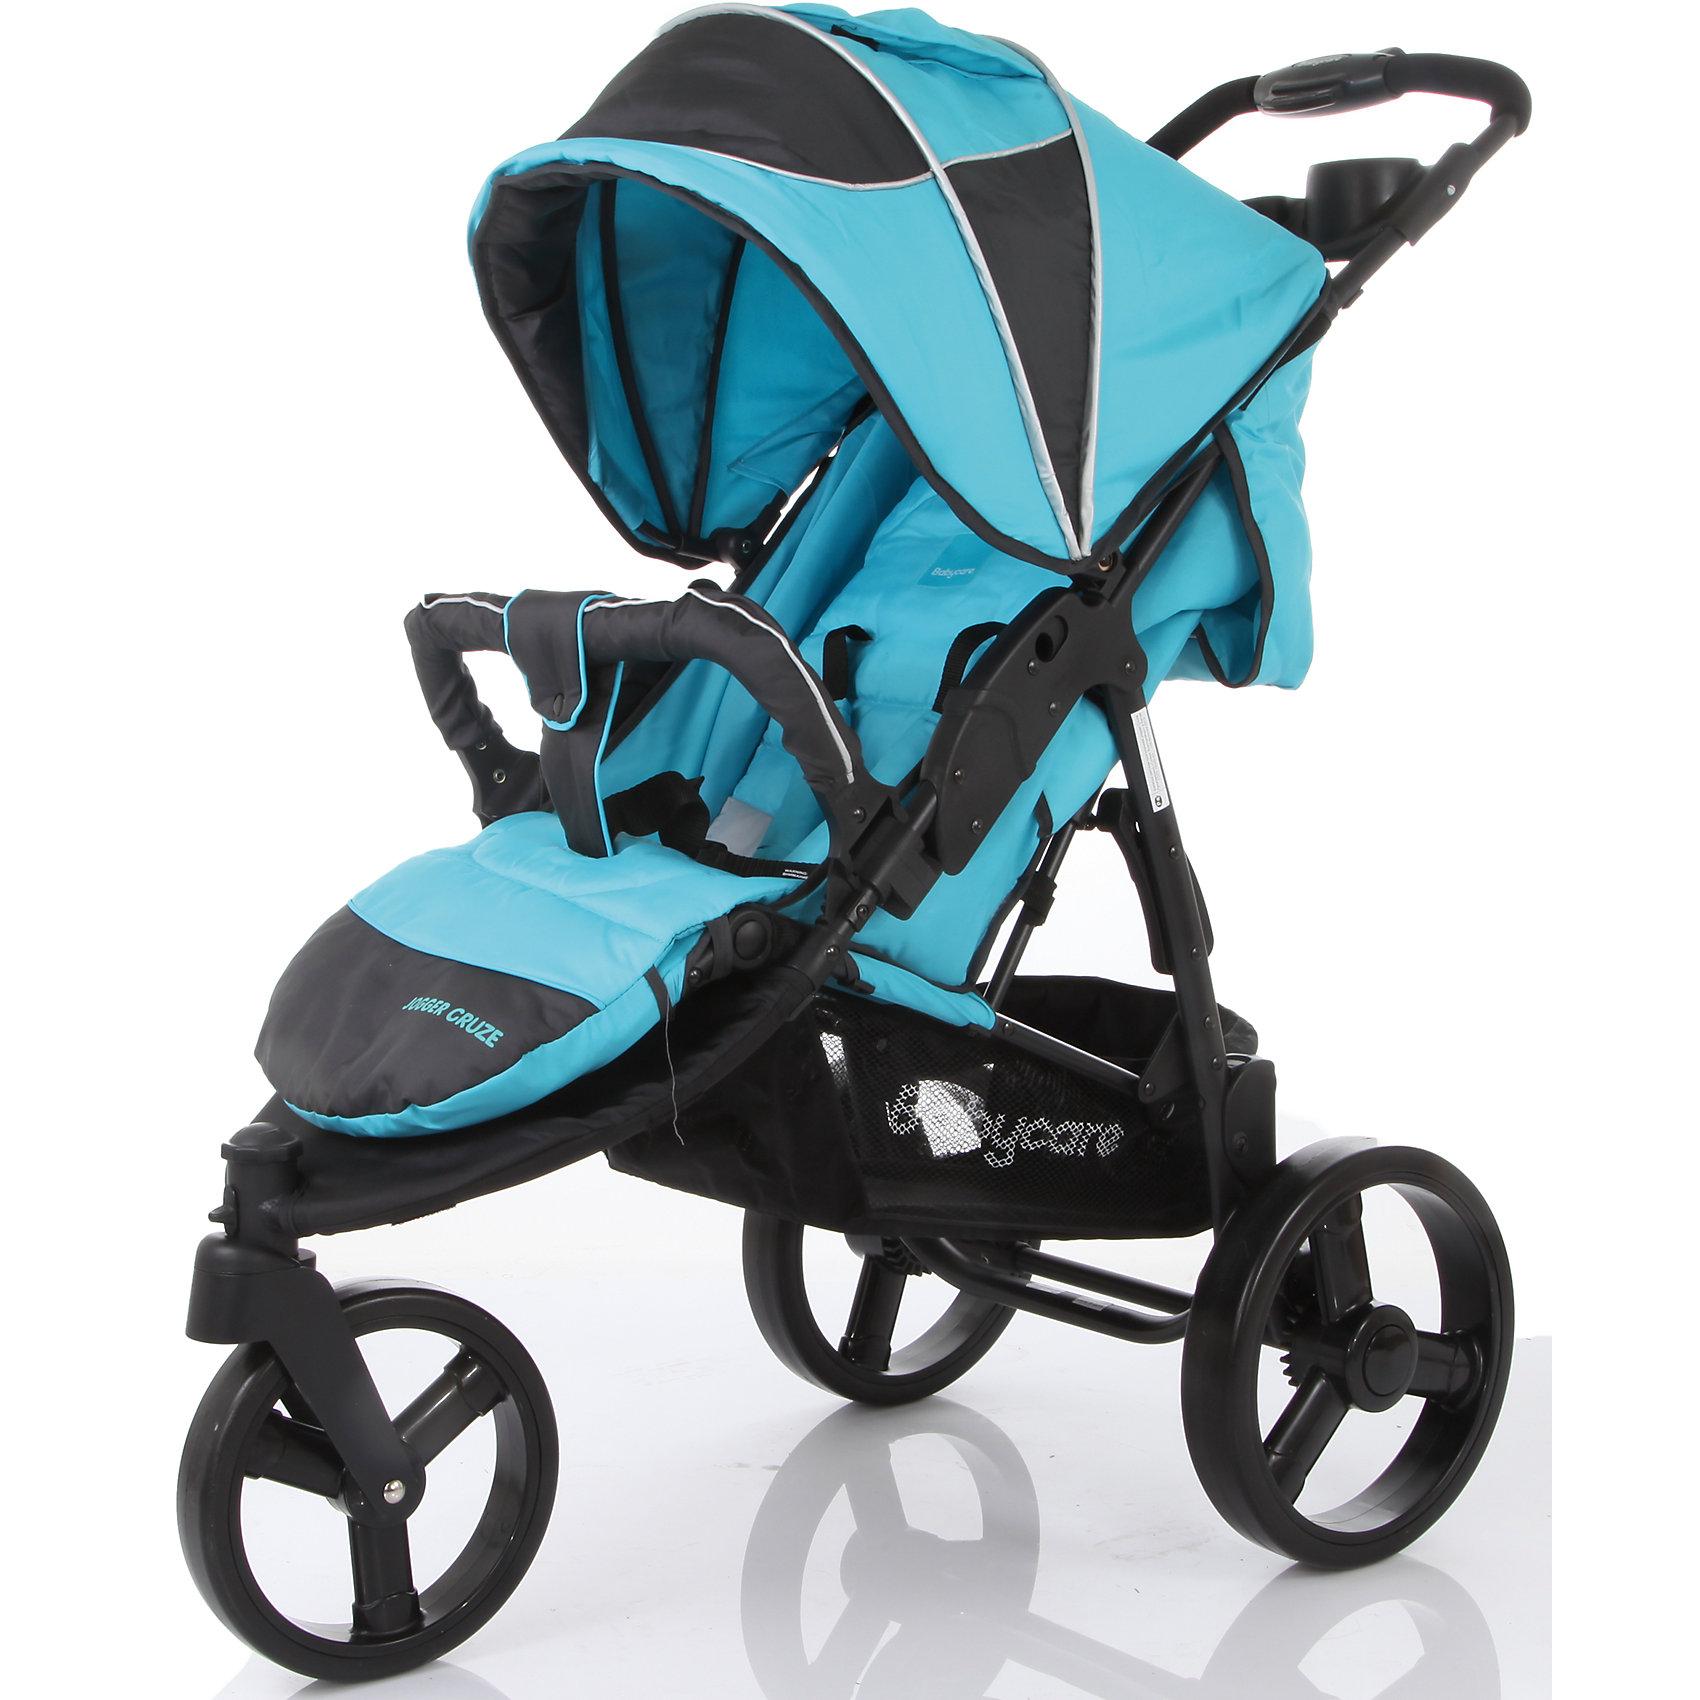 Прогулочная коляска Baby Care Jogger Cruze, синийПрогулочные коляски<br>Характеристики коляски Baby Care Jogger Cruze:<br><br>• угол наклона спинки регулируется почти до горизонтального;<br>• регулируемый капюшон оснащен солнцезащитным козырьком, опускается до бампера;<br>• на капюшоне имеется смотровое окошко под клапаном;<br>• регулируемая подножка;<br>• наличие 5-ти точечных ремней безопасности с мягкими накладками;<br>• каркасный съемный бампер с мягким чехлом;<br>• тканевый разделитель для ножек, крепится кнопкой к бамперу;<br>• материал прогулочного блока: полиэстер. <br><br>Обратите внимание: на капюшоне в открытом положении нет фиксатора. <br><br>Характеристики шасси коляски Baby Care Jogger Cruze:<br><br>• 3-х колесная коляска;<br>• пластиковые колеса большого диаметра;<br>• переднее поворотное колесо с блокировкой;<br>• наличие амортизаторов;<br>• задний стояночный тормоз;<br>• столик с подстаканником на раме коляски;<br>• вместительная корзина для покупок;<br>• тип складывания: книжка;<br>• материал рамы: алюминий;<br>• материал колес: пластик.<br><br>Маневренная прогулочная коляска с высокой степенью проходимости предназначена для детей в возрасте от 6 месяцев до 3-х лет, вес которых находится в пределах 15 кг. Регулируемая спинка и подножка позволяют подобрать для малыша удобное положение как во время сна, так и во время бодрствования.  <br><br>Размеры коляски:<br><br>• размер в разложенном виде: 80x53x105 см;<br>• вес коляски: 9 кг;<br>• размер сиденья: 40х42 см;<br>• длина спального места: 80 см;<br>• высота ручки: 105 см;<br>• ширина колесной базы: 53 см;<br>• диаметр переднего колеса: 20 см;<br>• диаметр заднего колеса: 27 см;<br>• вес упаковки: 10,5 кг.<br><br>Комплектация: <br><br>• прогулочный блок с капюшоном и бампером;<br>• шасси с колесами и корзиной для покупок;<br>• чехол на ножки;<br>• дождевик;<br>• подстаканник;<br>• инструкция. <br><br>Прогулочную коляску Jogger Cruze, Baby Care, синюю можно купить в нашем интернет-магазине.<br><br>Шири